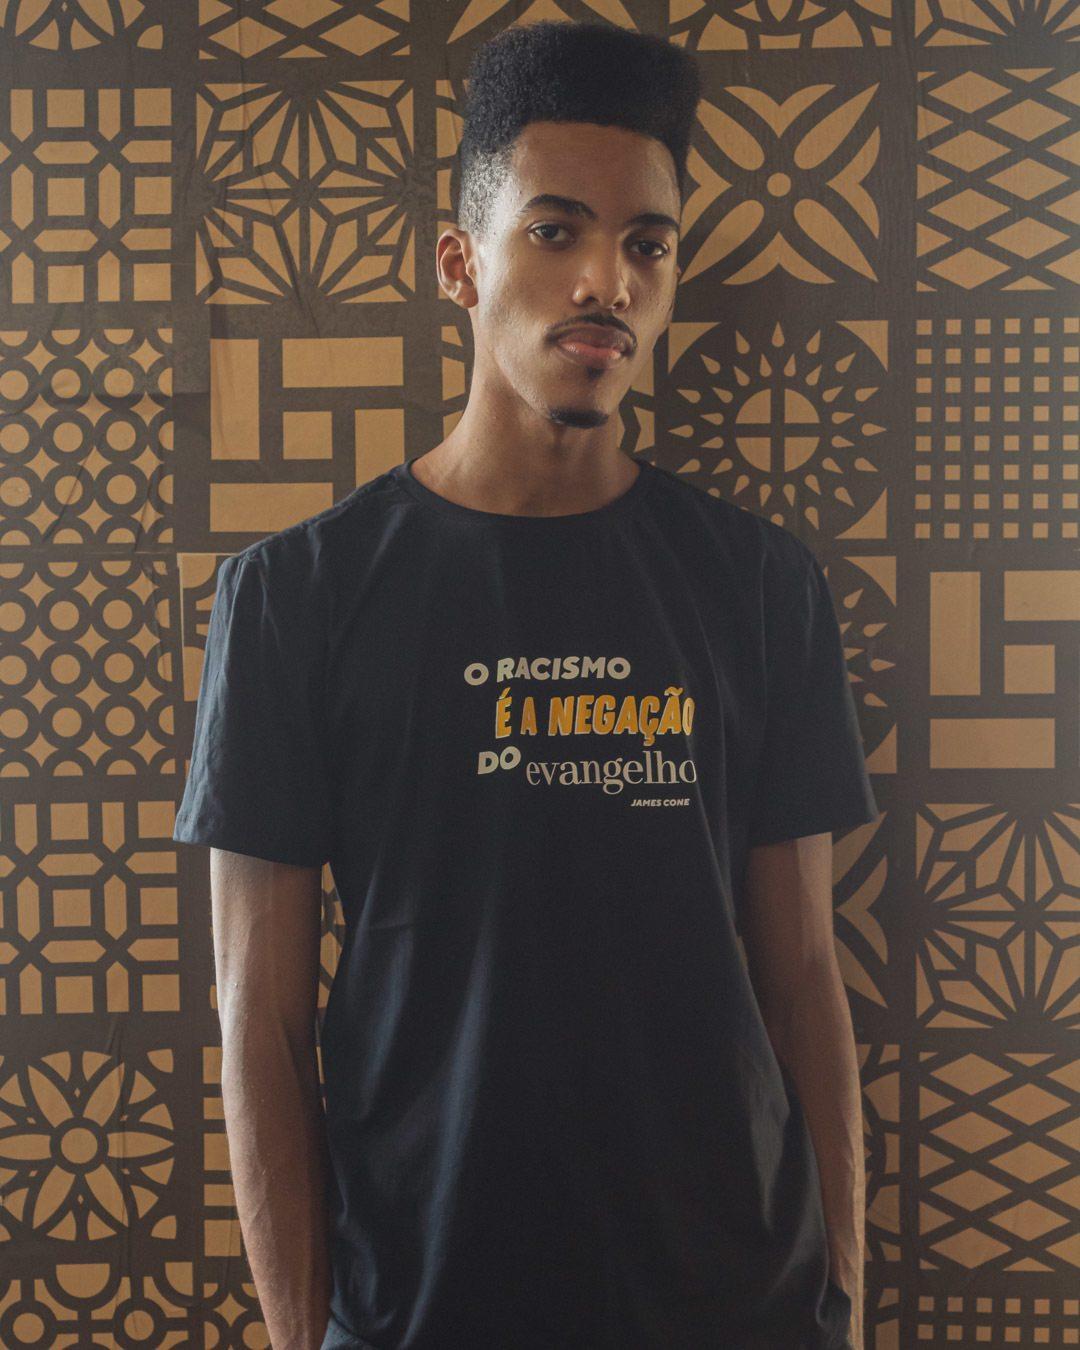 la marge - Camisa - Evangelho